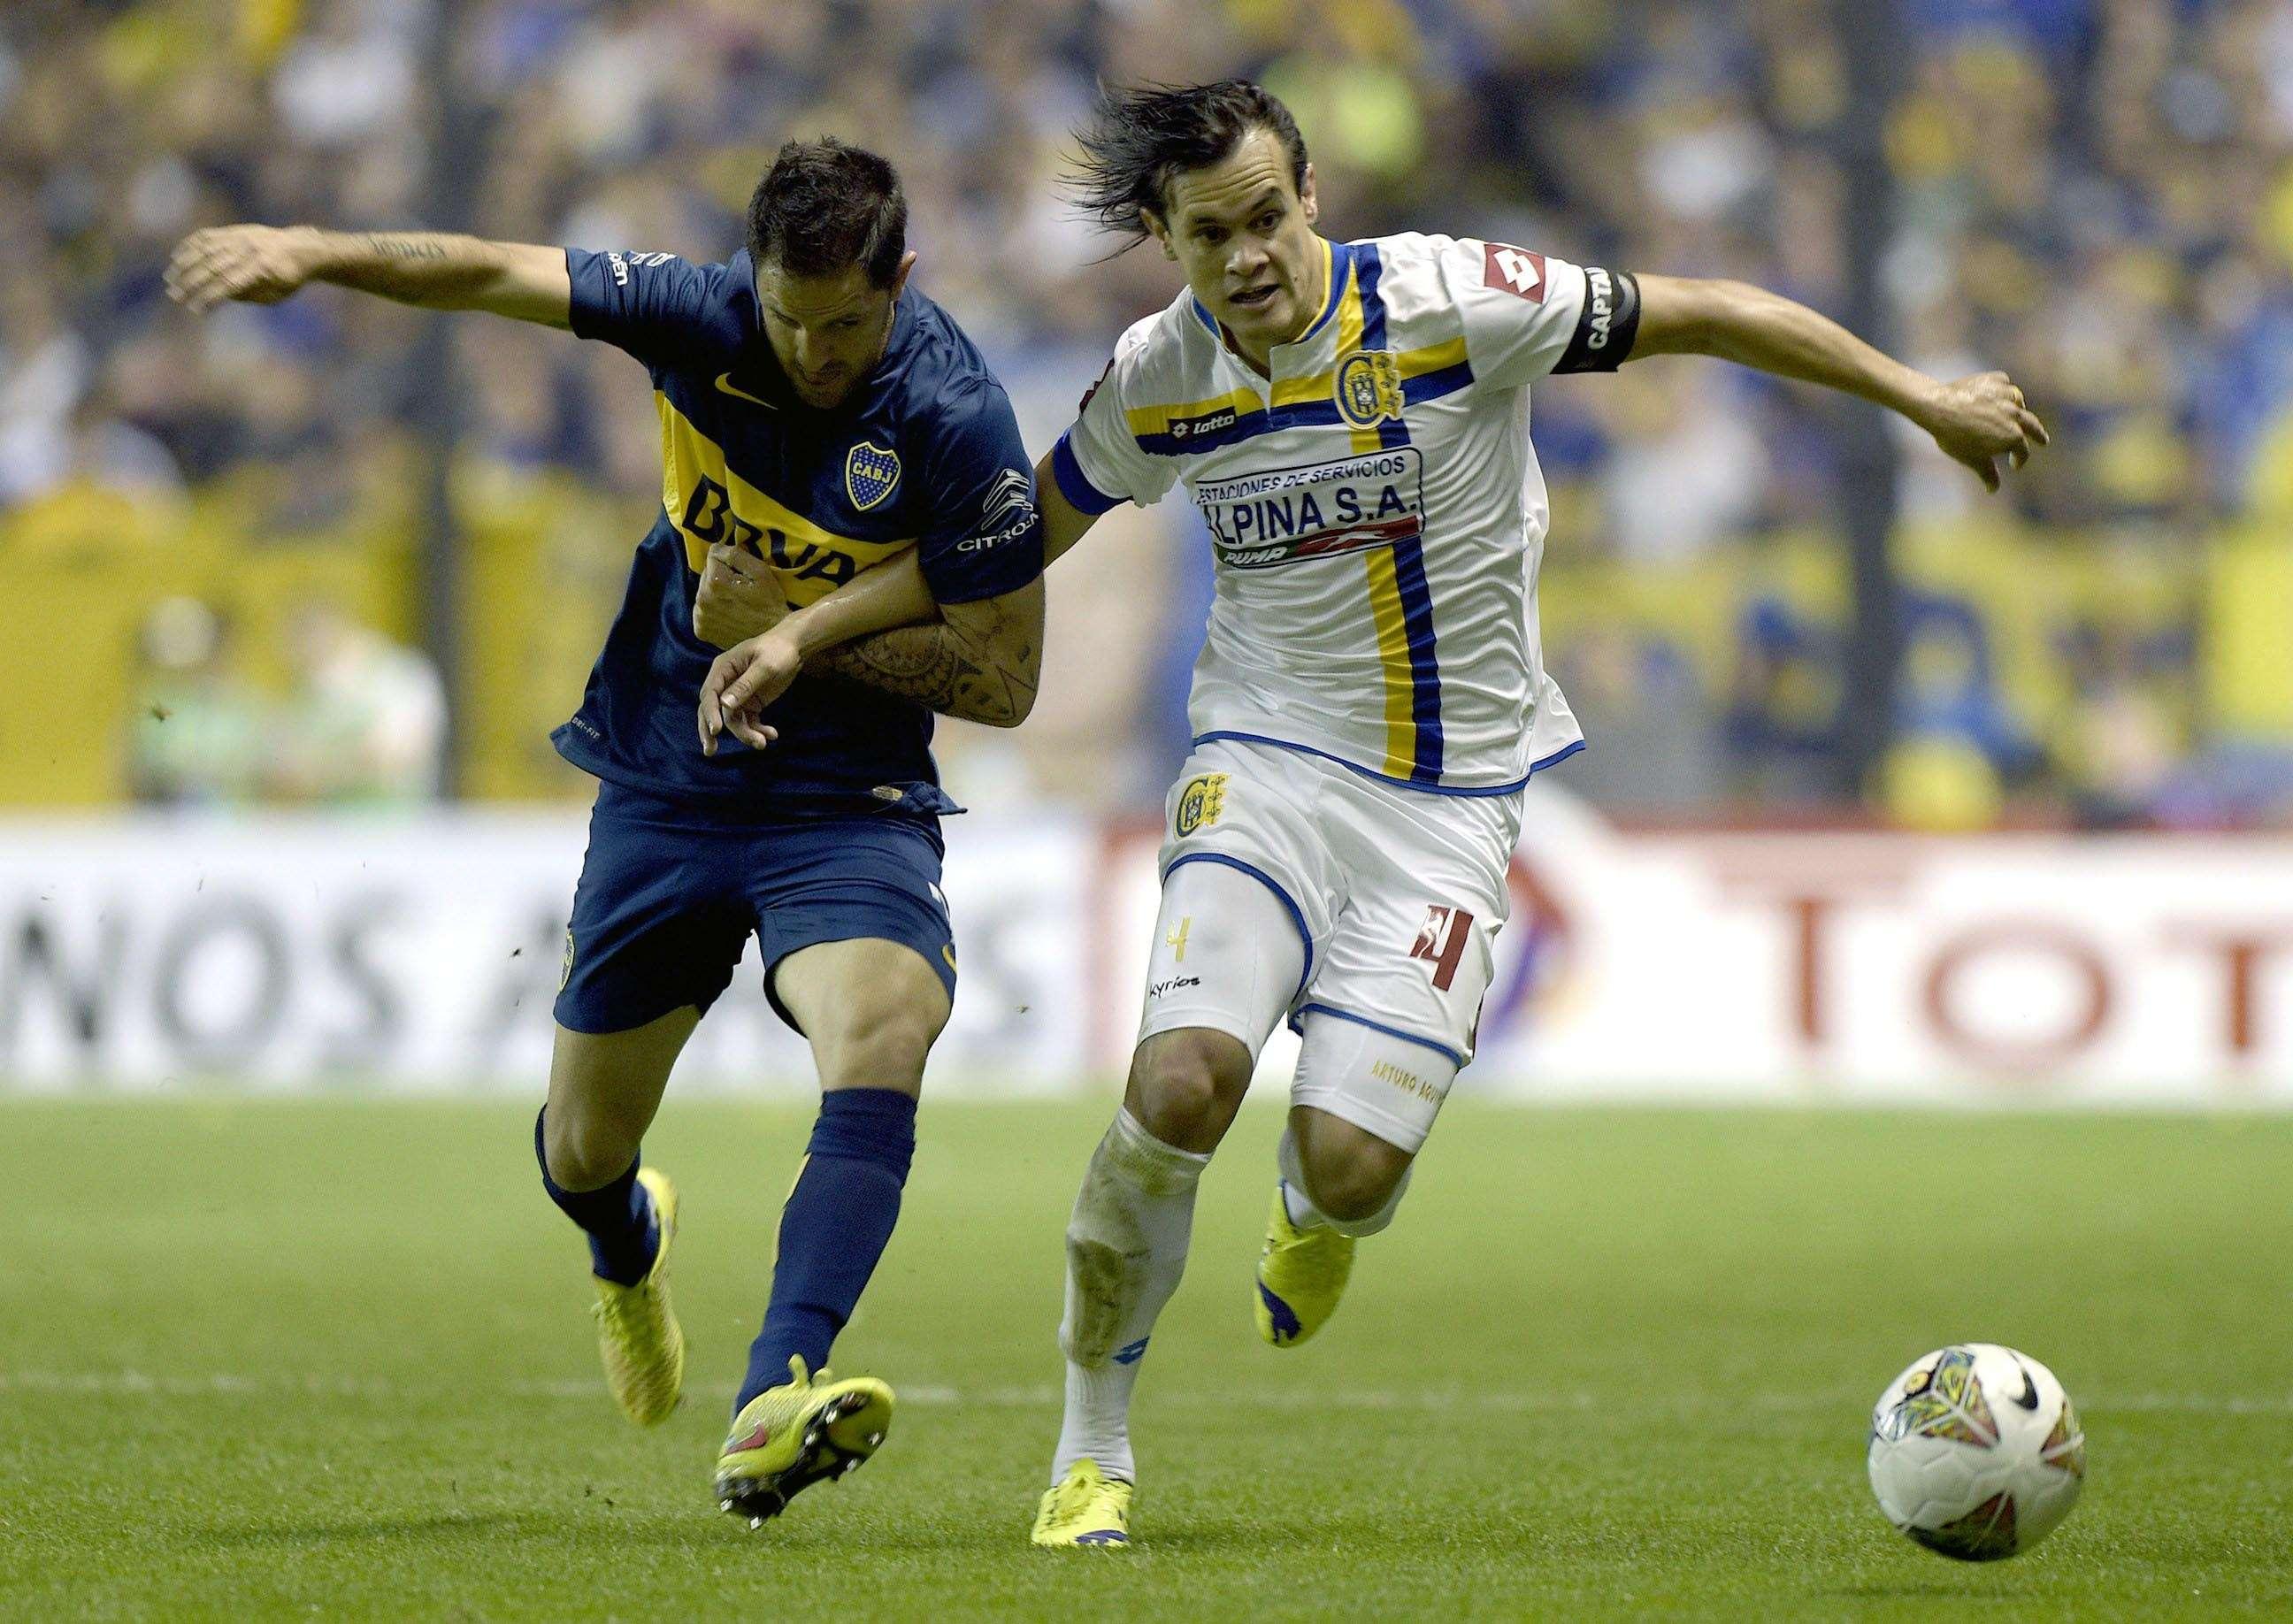 Capiatá y Boca definen octavos de final por la Sudamericana Foto: NA